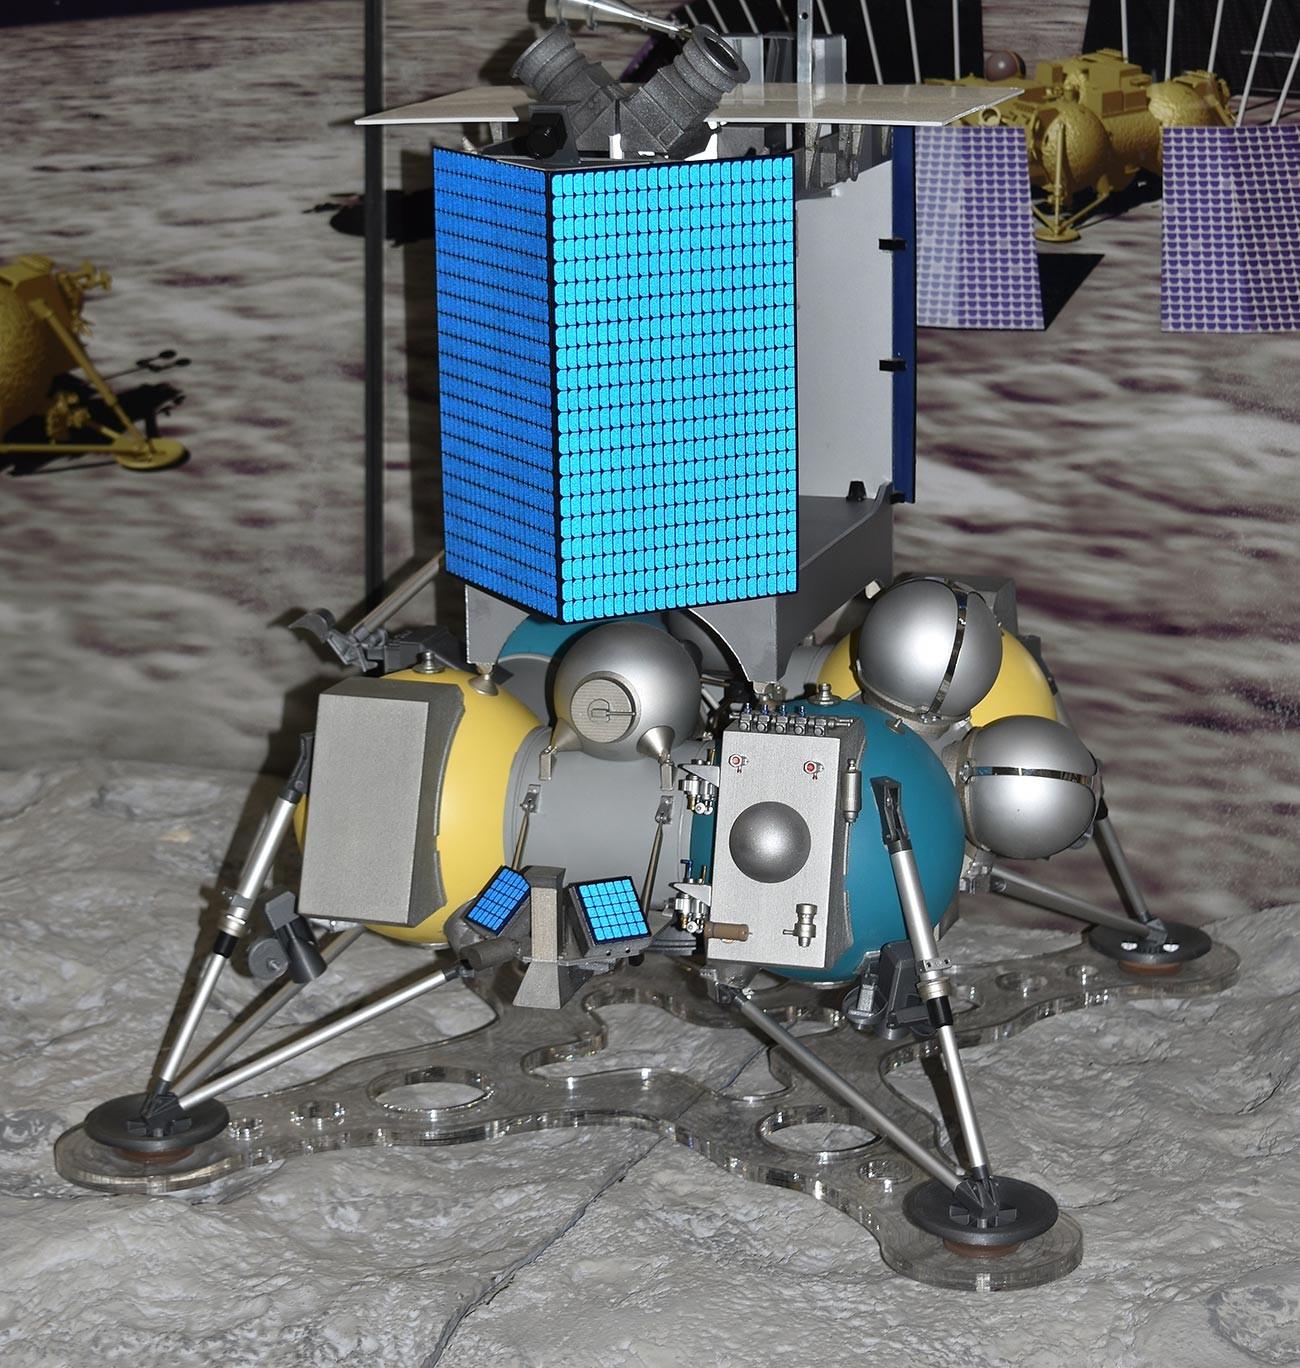 Wahana antariksa tak berawak Rusia 'Luna 25', saat dipamerkan pada Paris Air Show 2015 , Paris, Prancis.